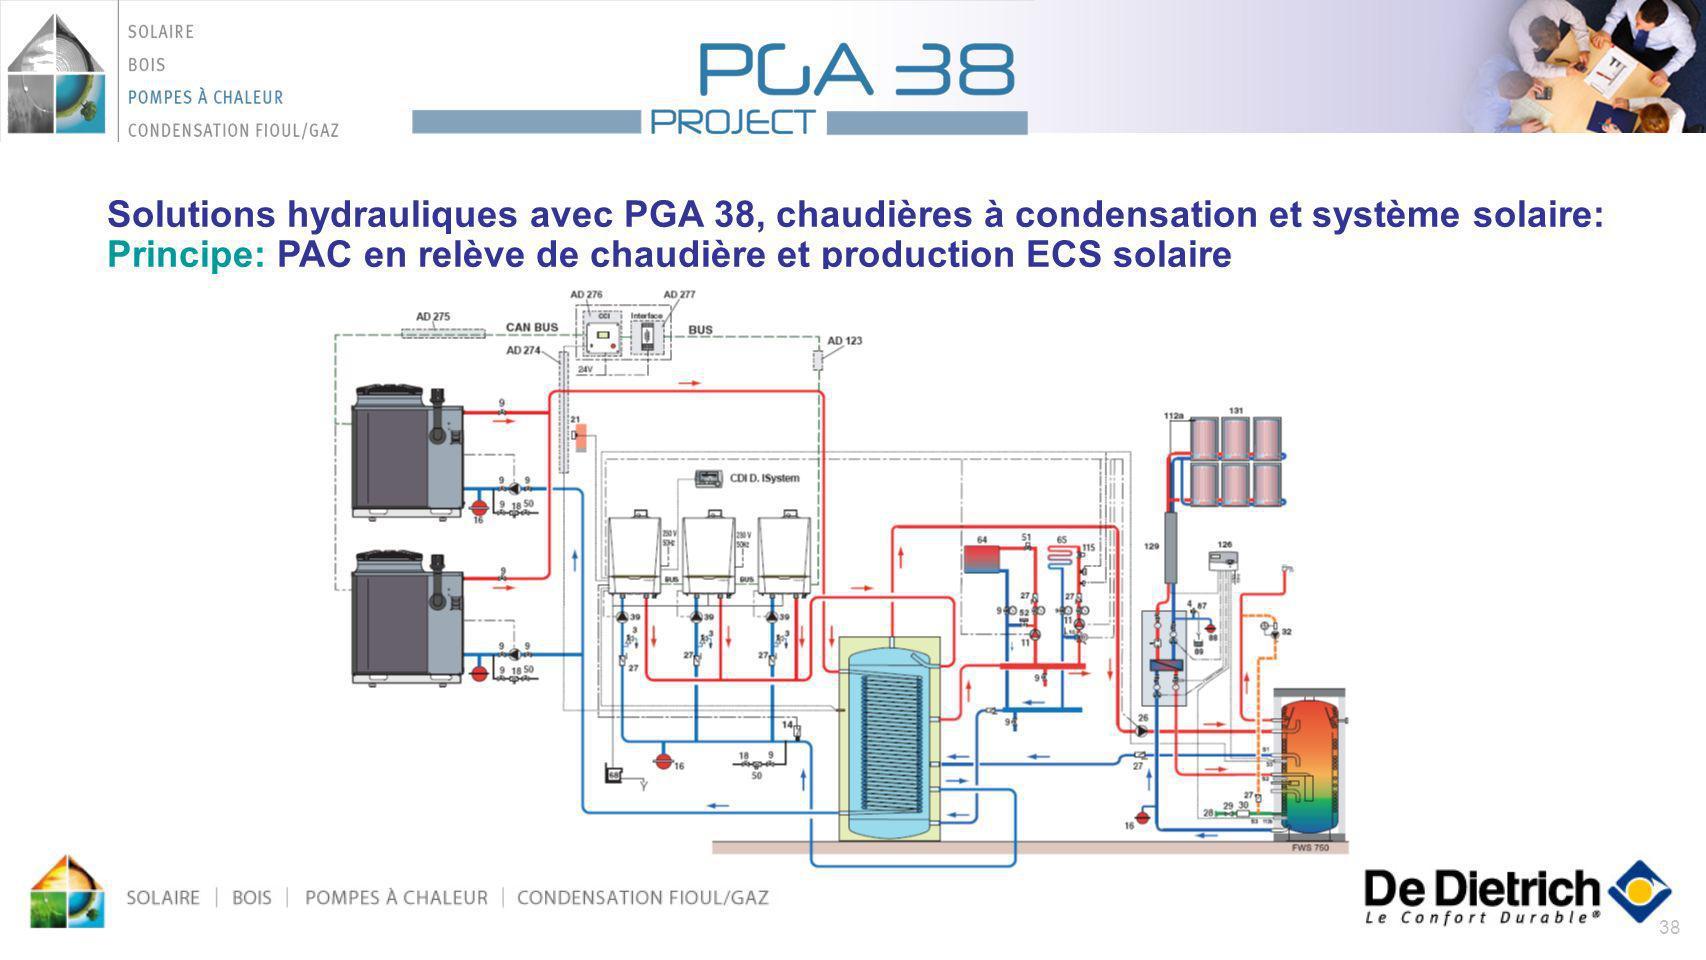 Solutions hydrauliques avec PGA 38, chaudières à condensation et système solaire: Principe: PAC en relève de chaudière et production ECS solaire